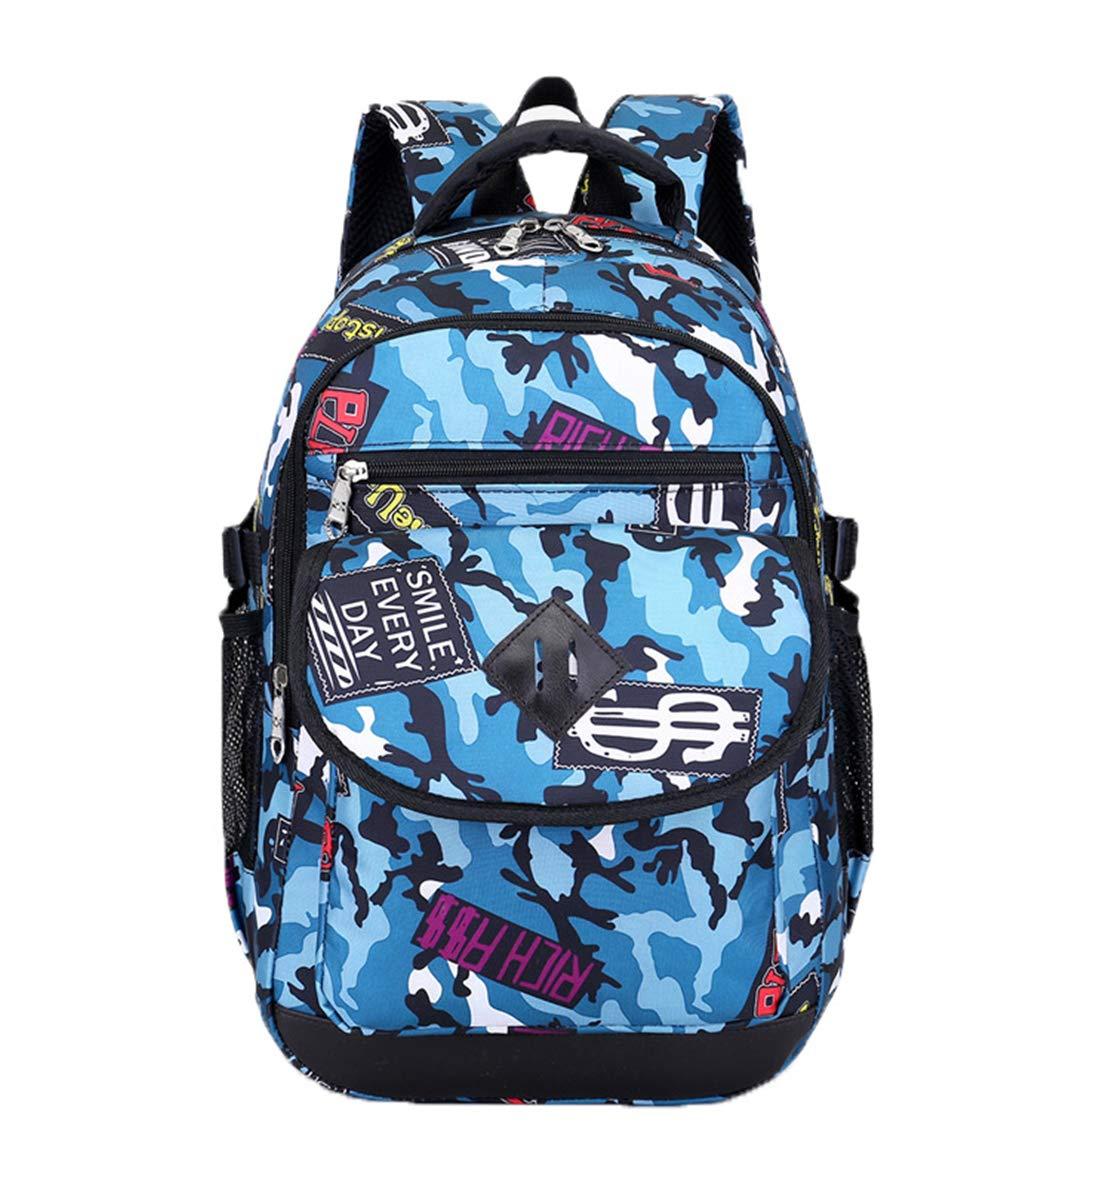 Lisay 30L Grande Sac à Dos Fashion Décontracté Sacoche pc Portable Travail Étudiant Rucksack Camouflage Nylon Bookbag avec Bardage